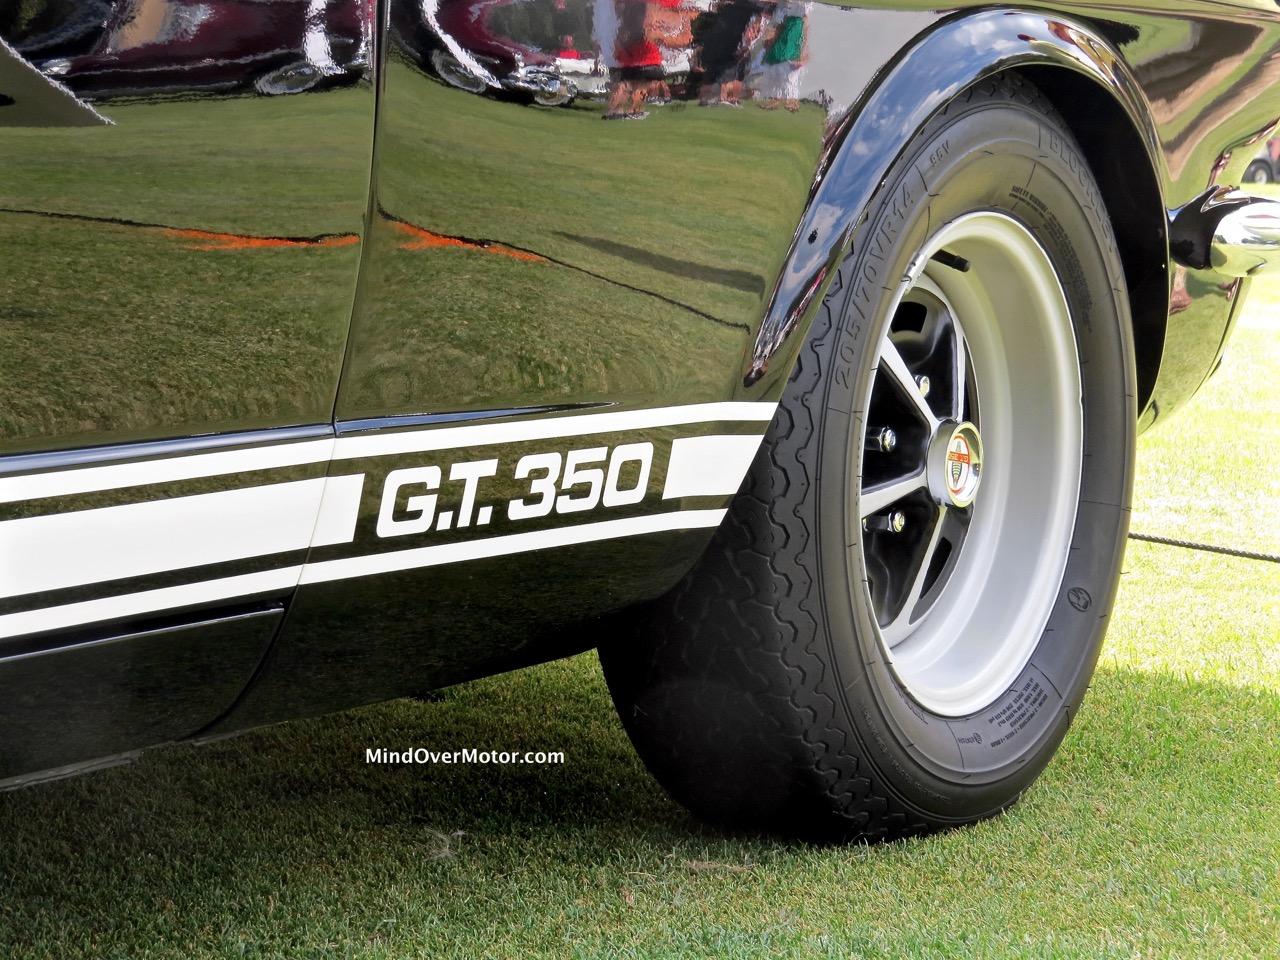 1966 Shelby GT350 Wheel